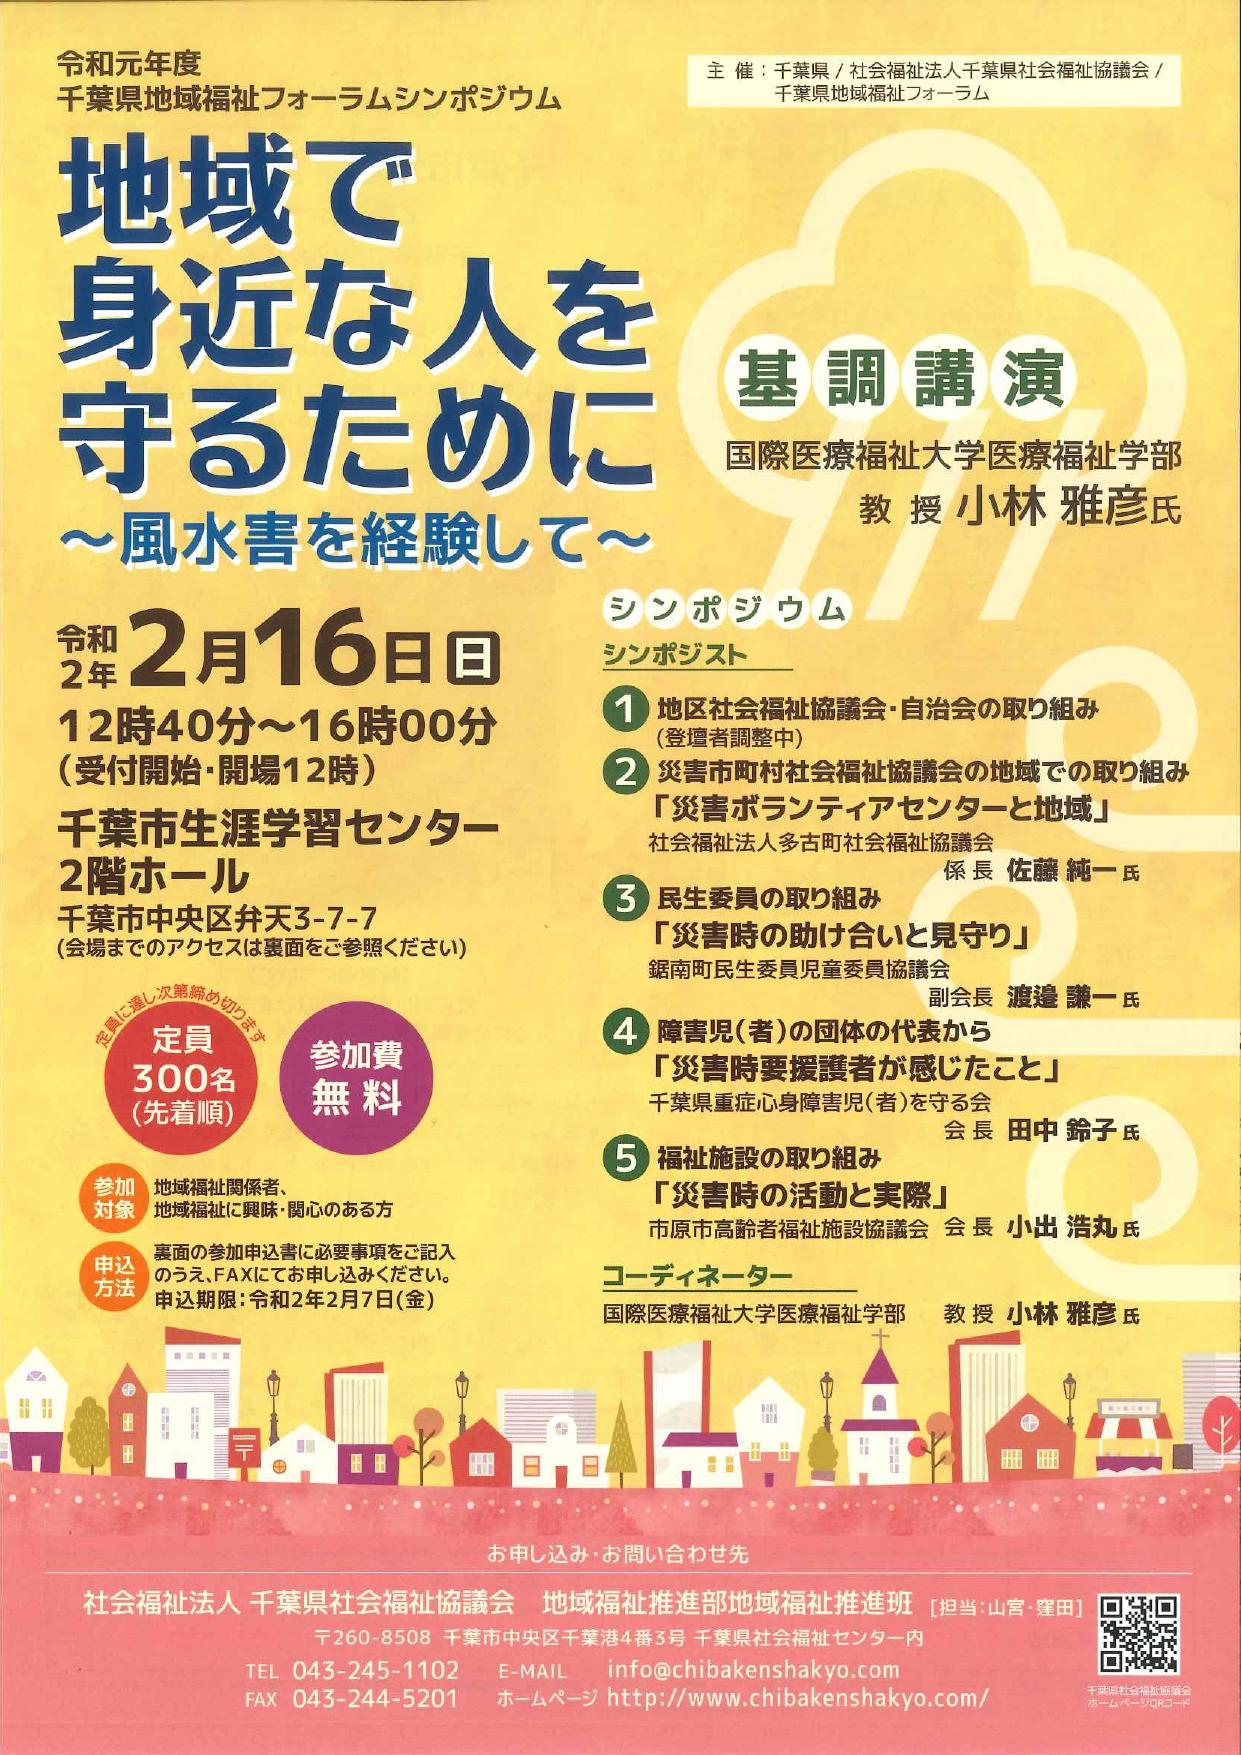 「令和元年度千葉県地域福祉フォーラムシンポジウム」